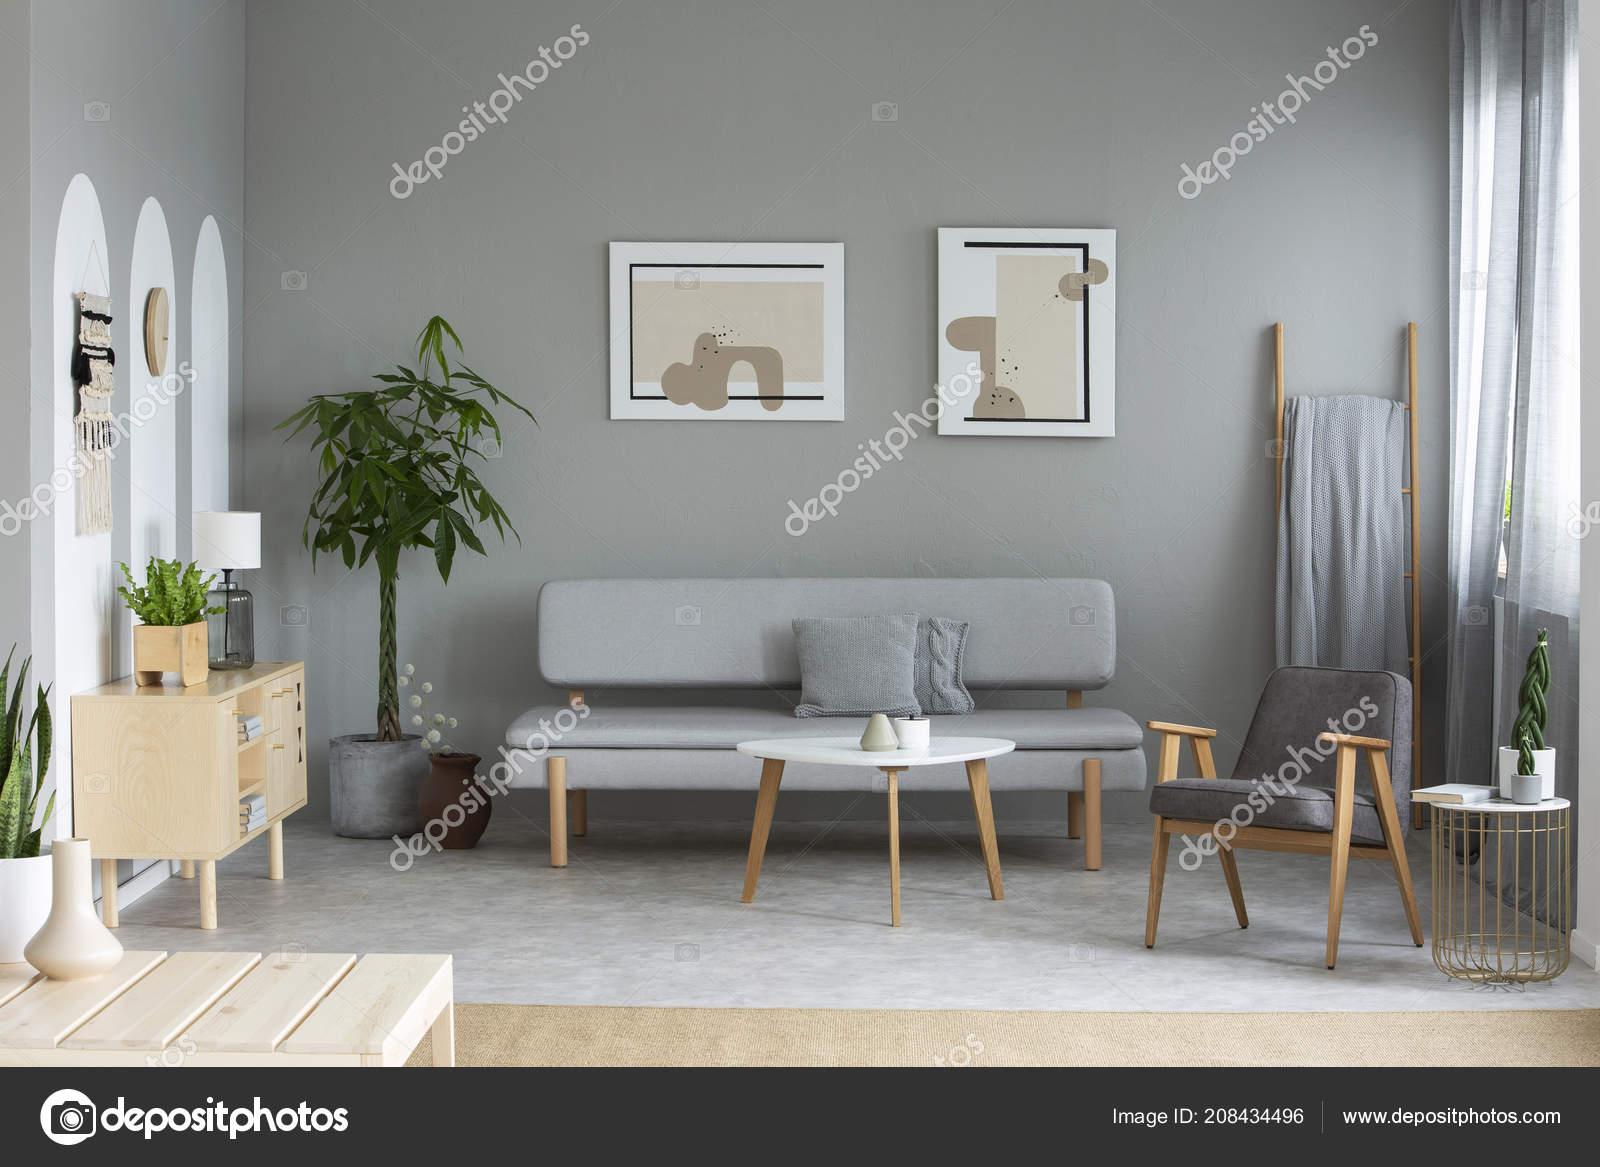 Zwei Plakate Aufhängen Der Wand Echtes Foto Von Grauen Wohnzimmer